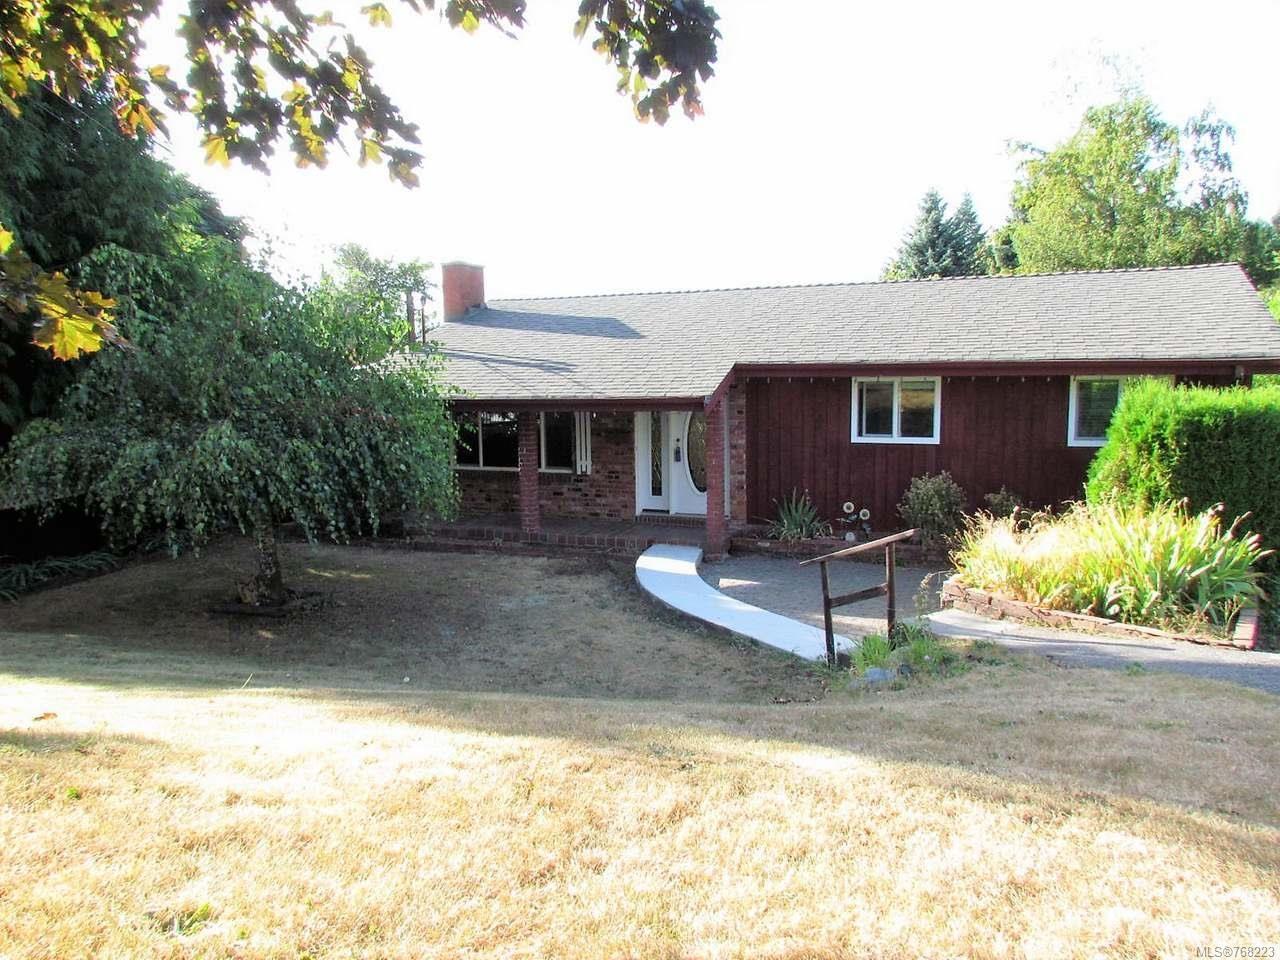 Main Photo: 2281 Hamilton Dr in PORT ALBERNI: PA Port Alberni House for sale (Port Alberni)  : MLS®# 768223